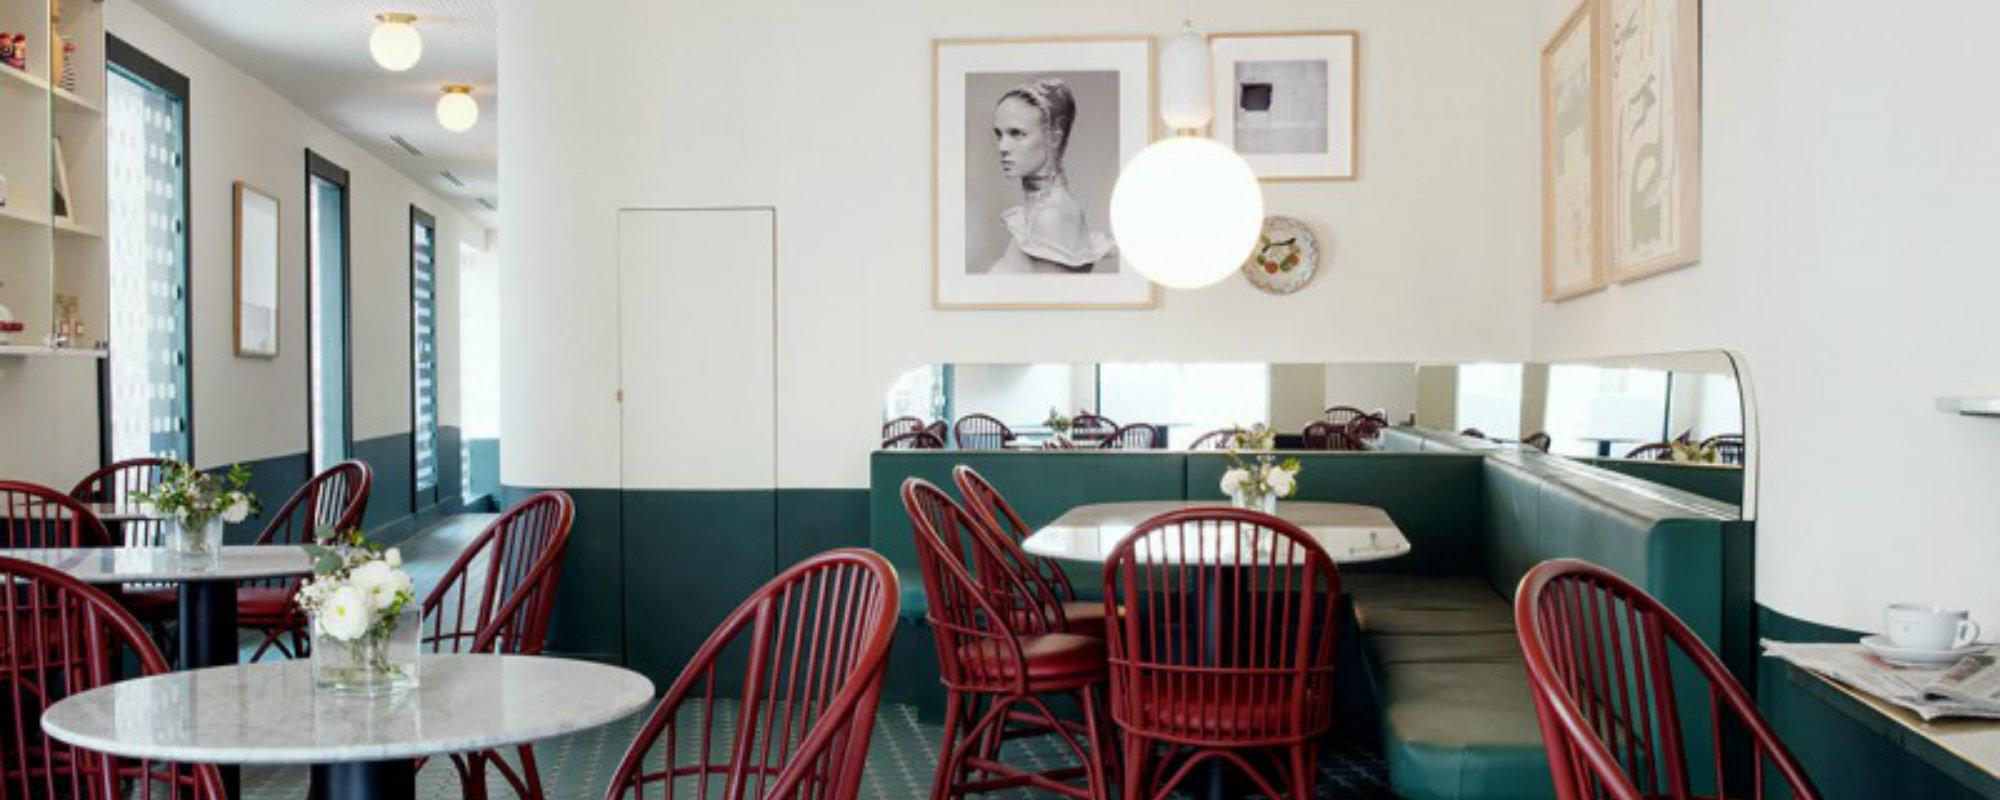 Jaime Hayon: Una historia especial de interiorismo elegante y lujuoso jaime hayon Jaime Hayon: Una historia especial de interiorismo elegante y lujuoso Featured 12